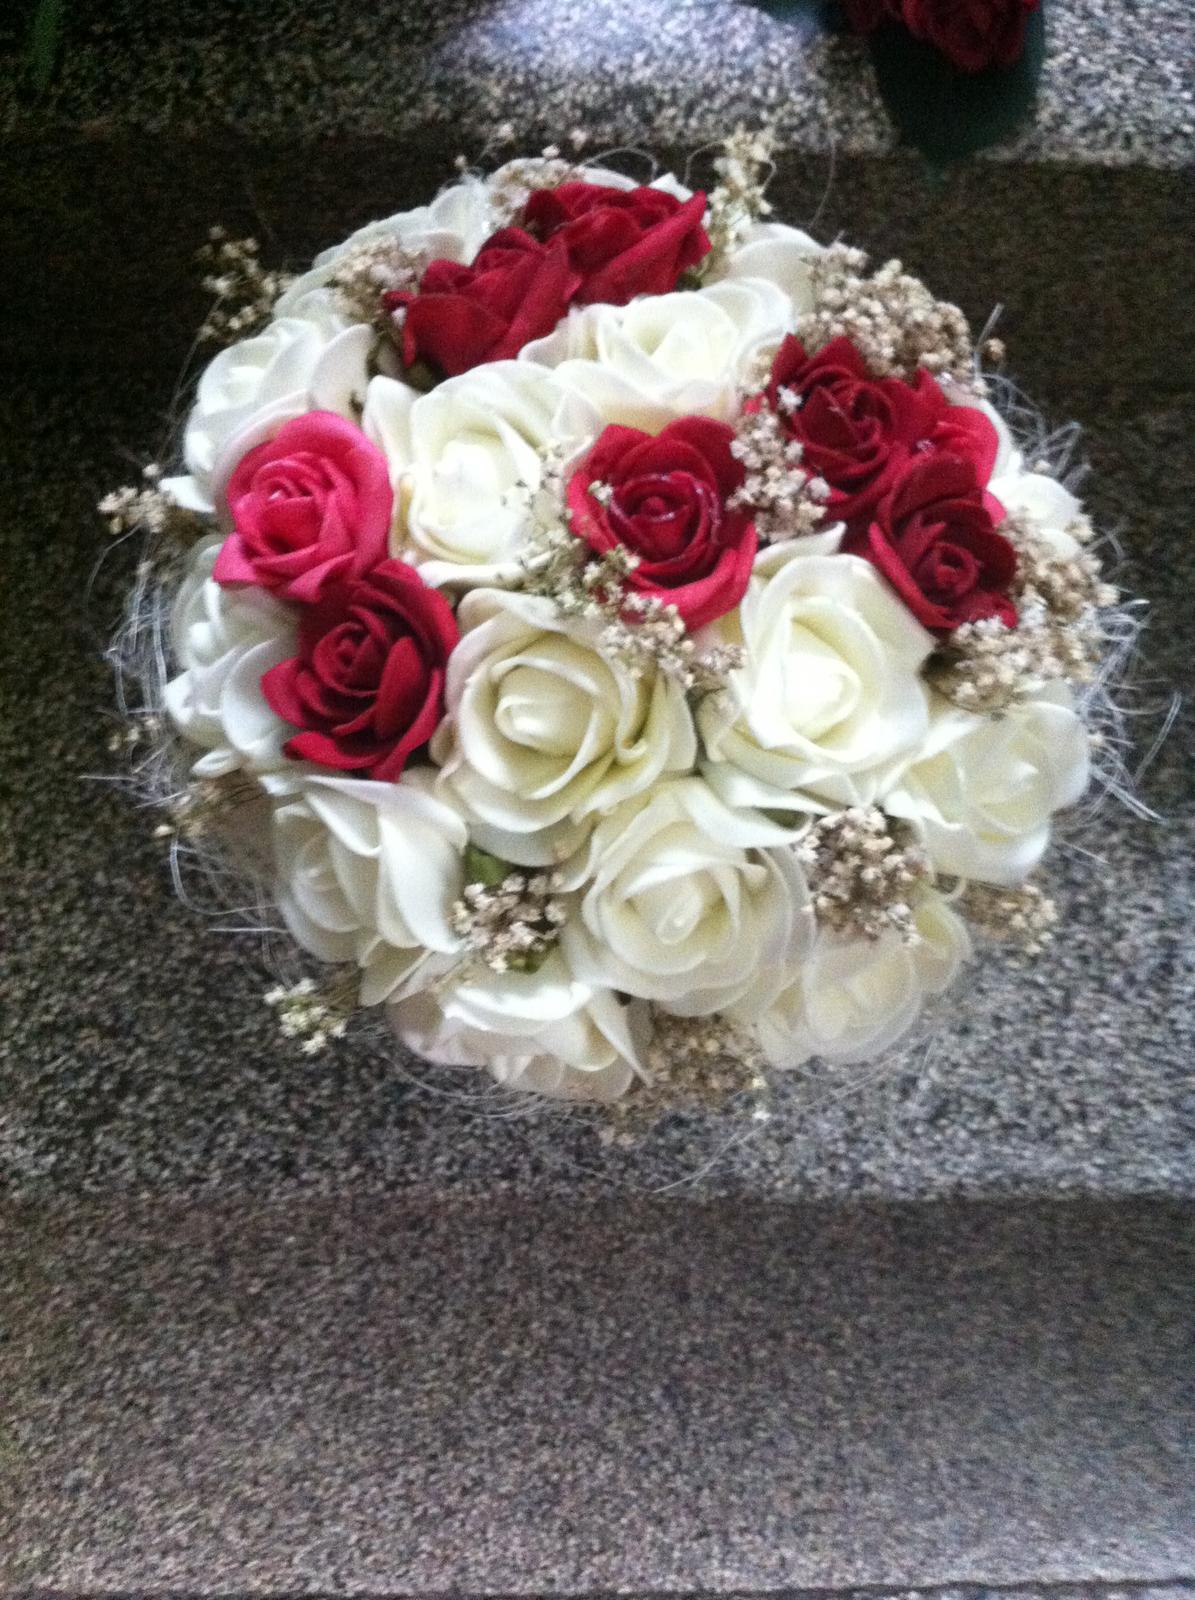 Netradiční svatební kytice - pěnové růžičky + polštářky pod prstýnky, košíčky - Obrázek č. 76